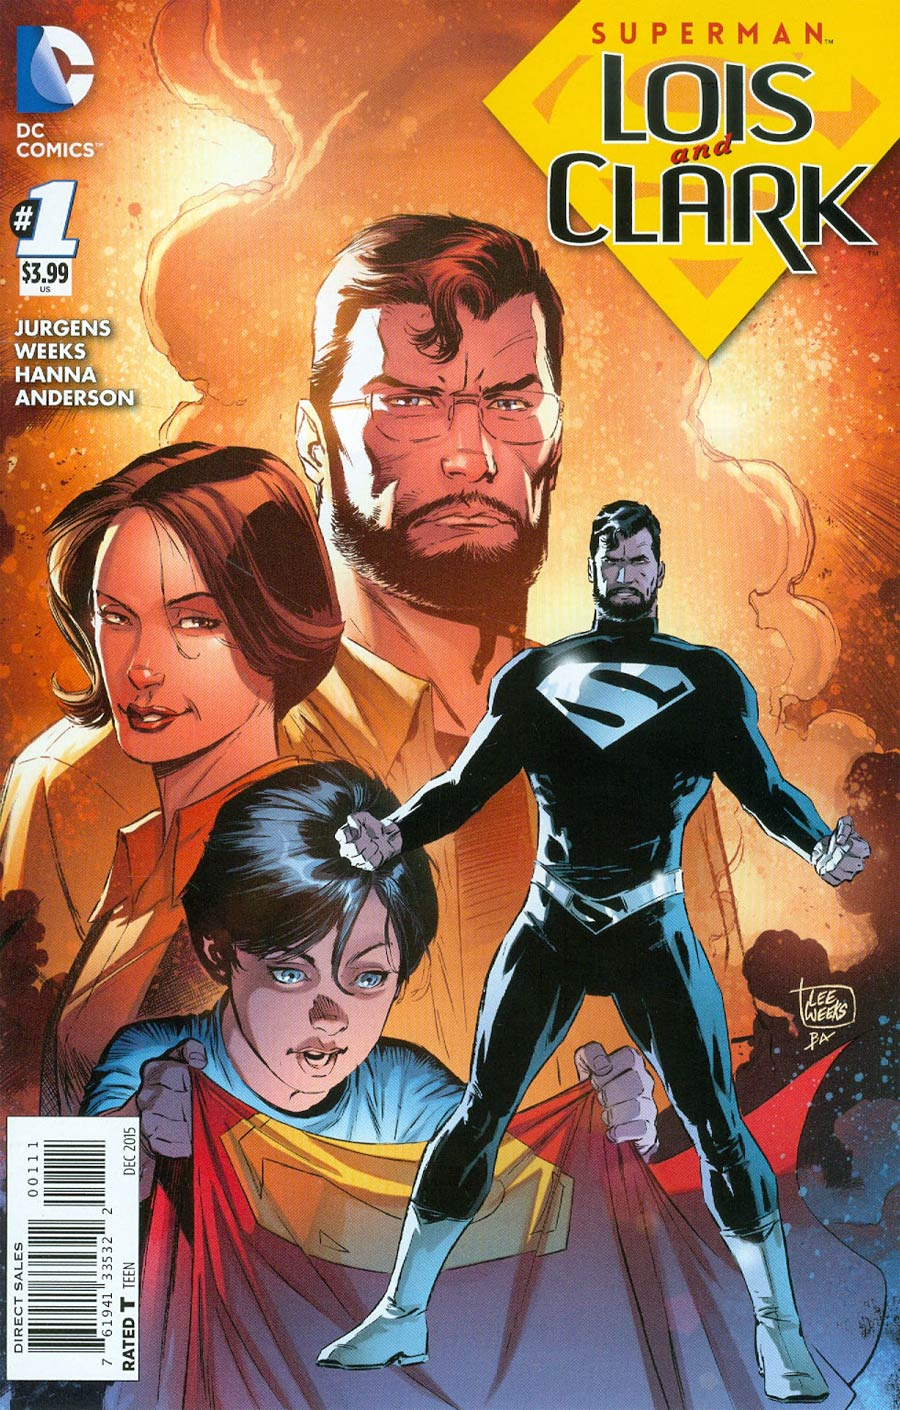 20 - [DC Comics] Superman: Discusión General - Página 7 1469926_xl